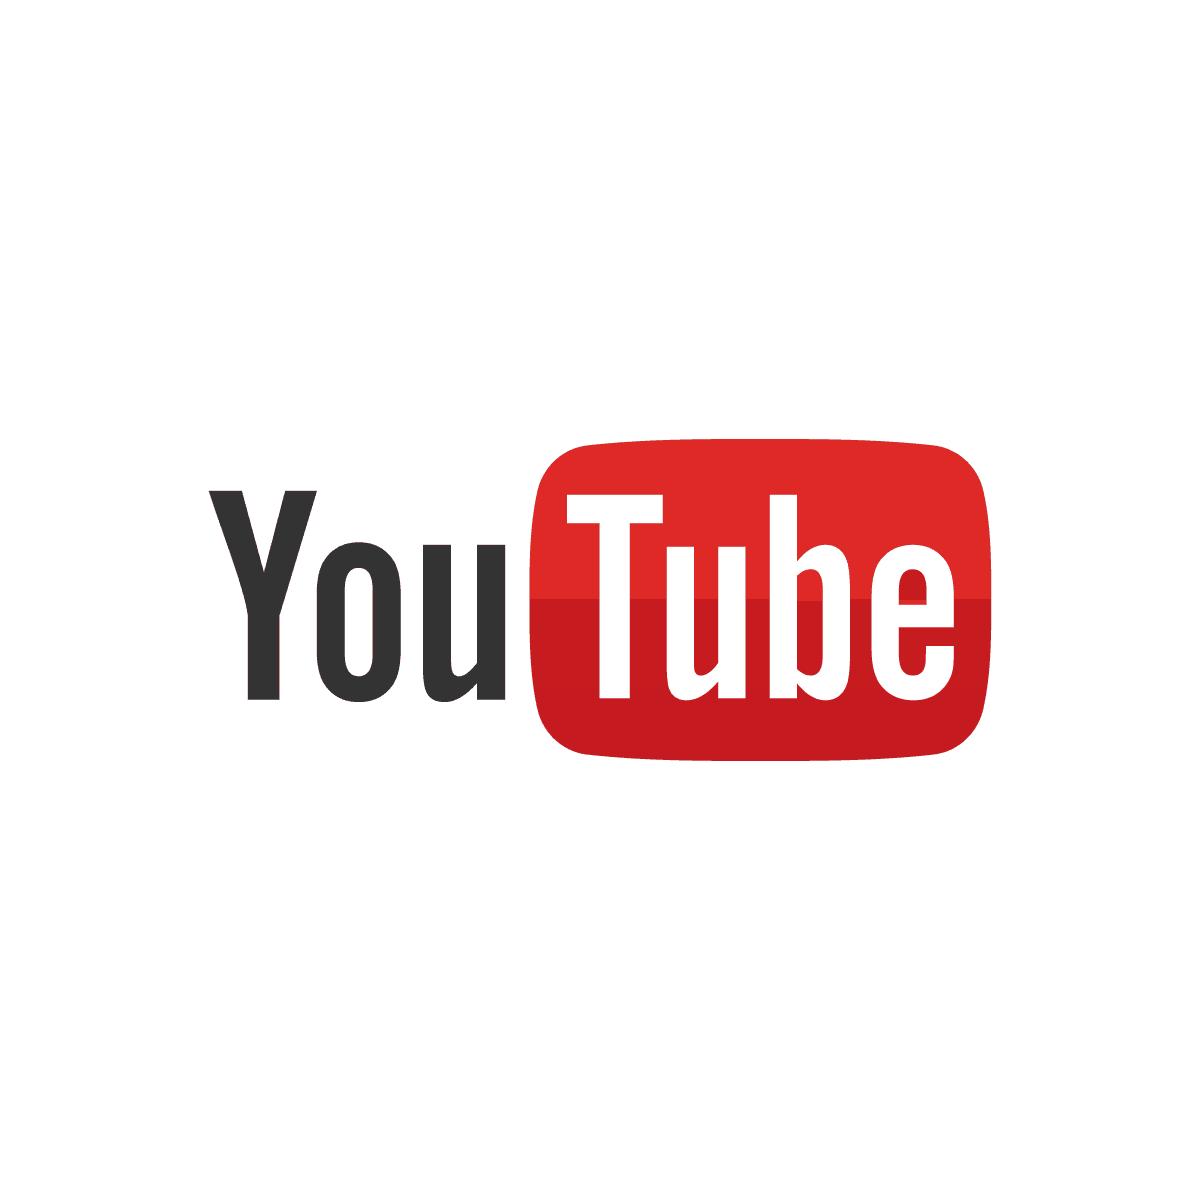 Youtube nasıl para kazanılır